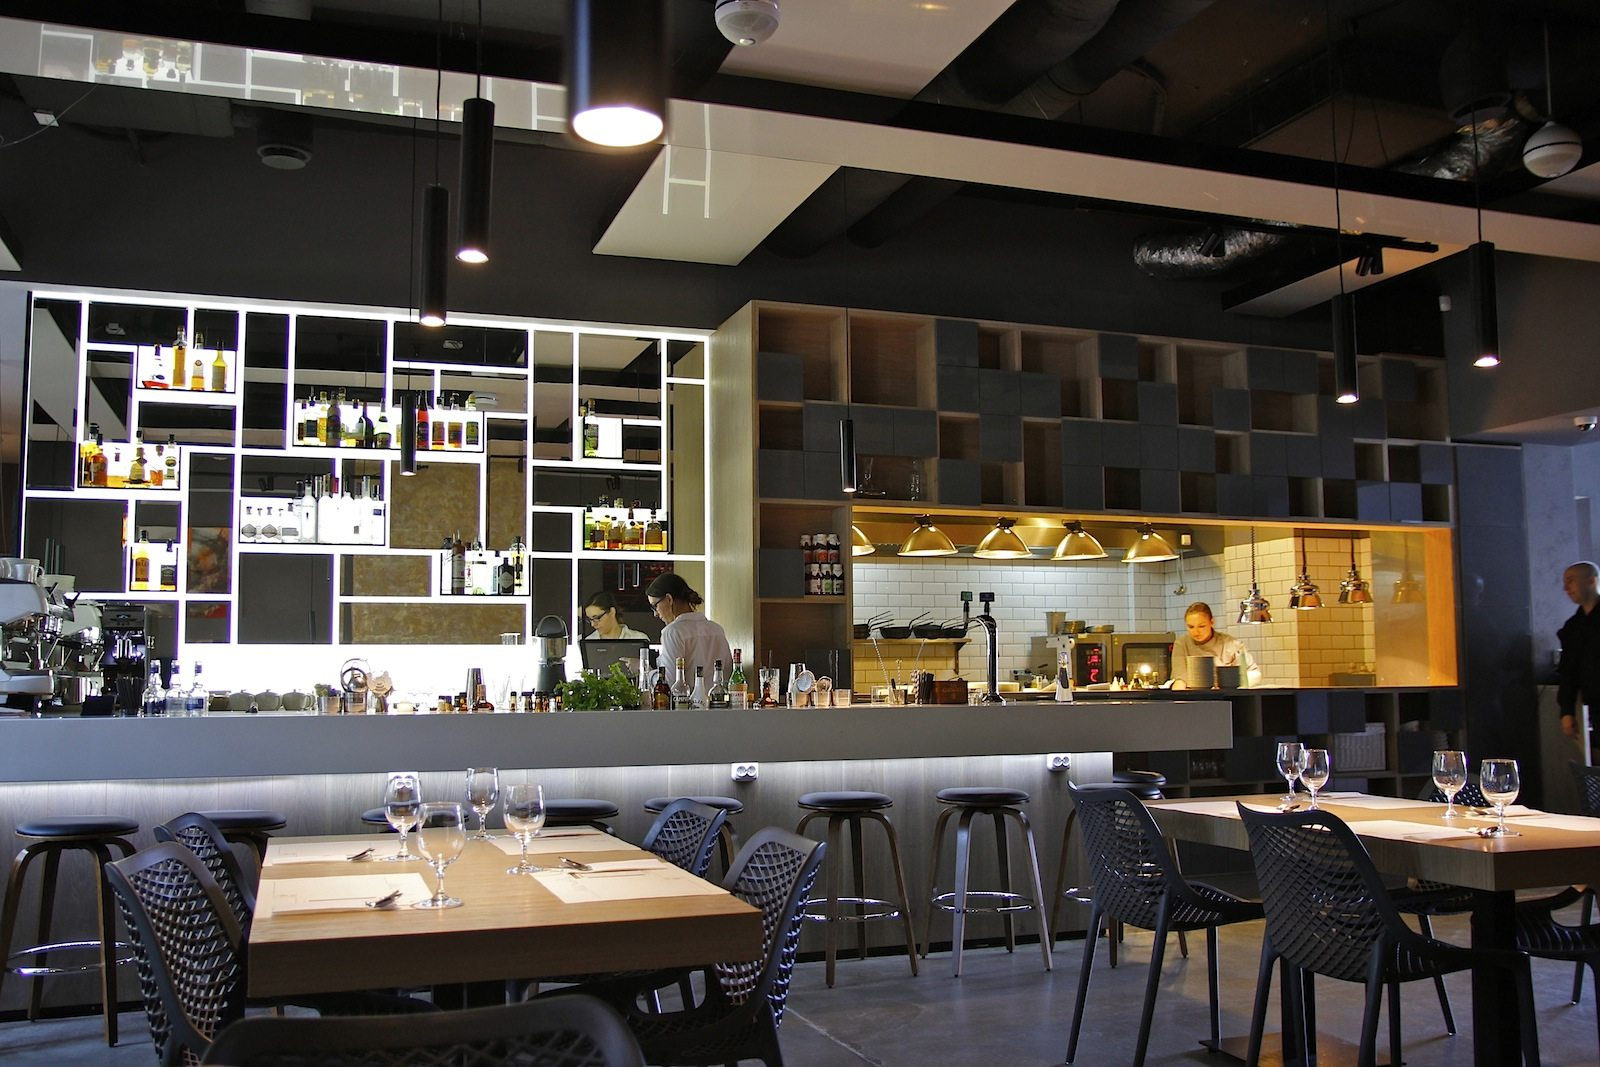 Wandel im Arbeiterpalast.  In die großzügig bemessenen Räume in den Erdgeschossen der sozialistischen Wohnblocks rund um den Plac Konstytucij sind längst moderne Läden eingezogen. So das Restaurant Varso Vie mit seinem minimalistischen Design und der zeitgemäßen polnischen Küche.